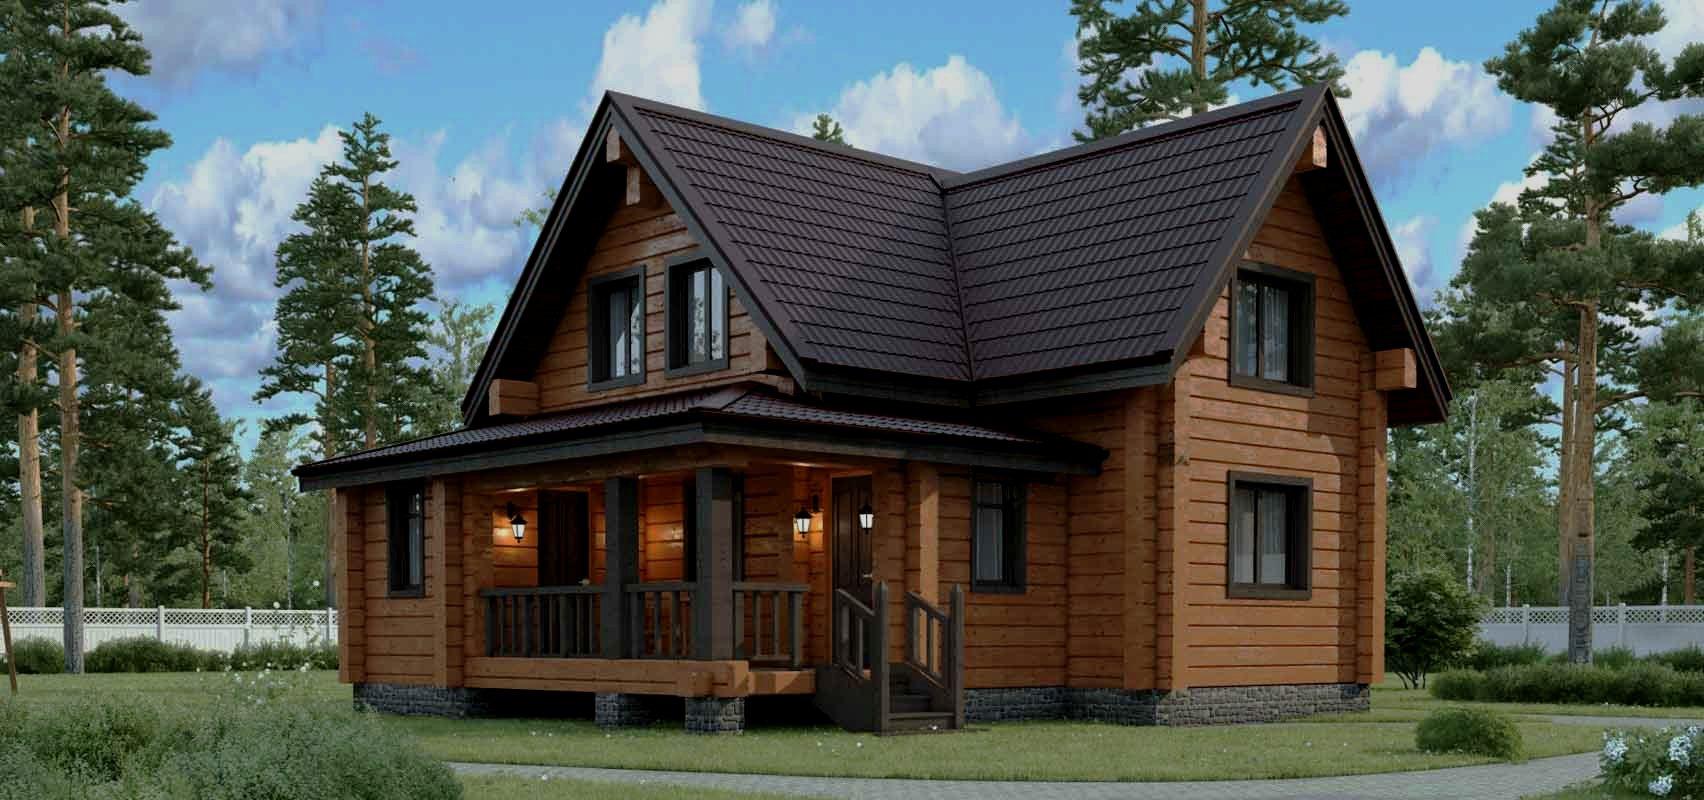 при строительстве и монтаже деревянной конструкции древесина выделяет полезные смолы